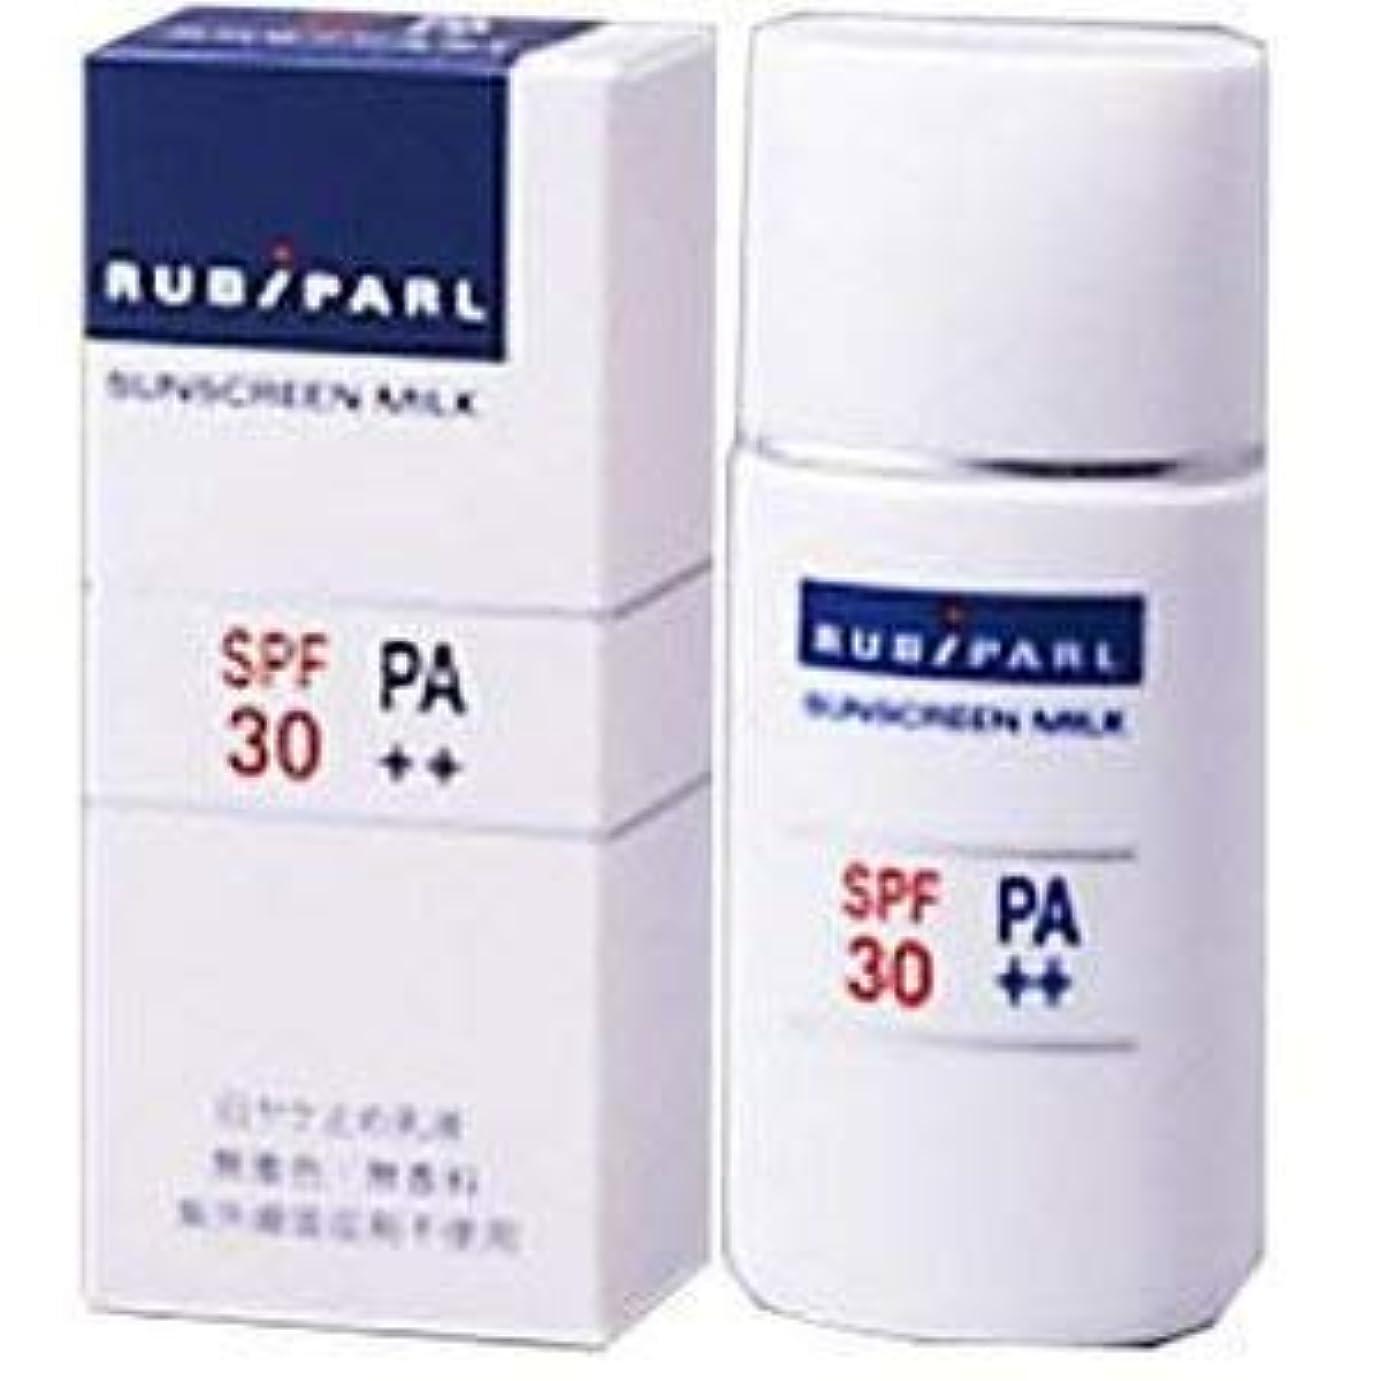 蛾ヒゲ選択ルビパール サンスクリーンミルク 日ヤケ止め乳液 SPF30 PA++ 30mLx3個セット